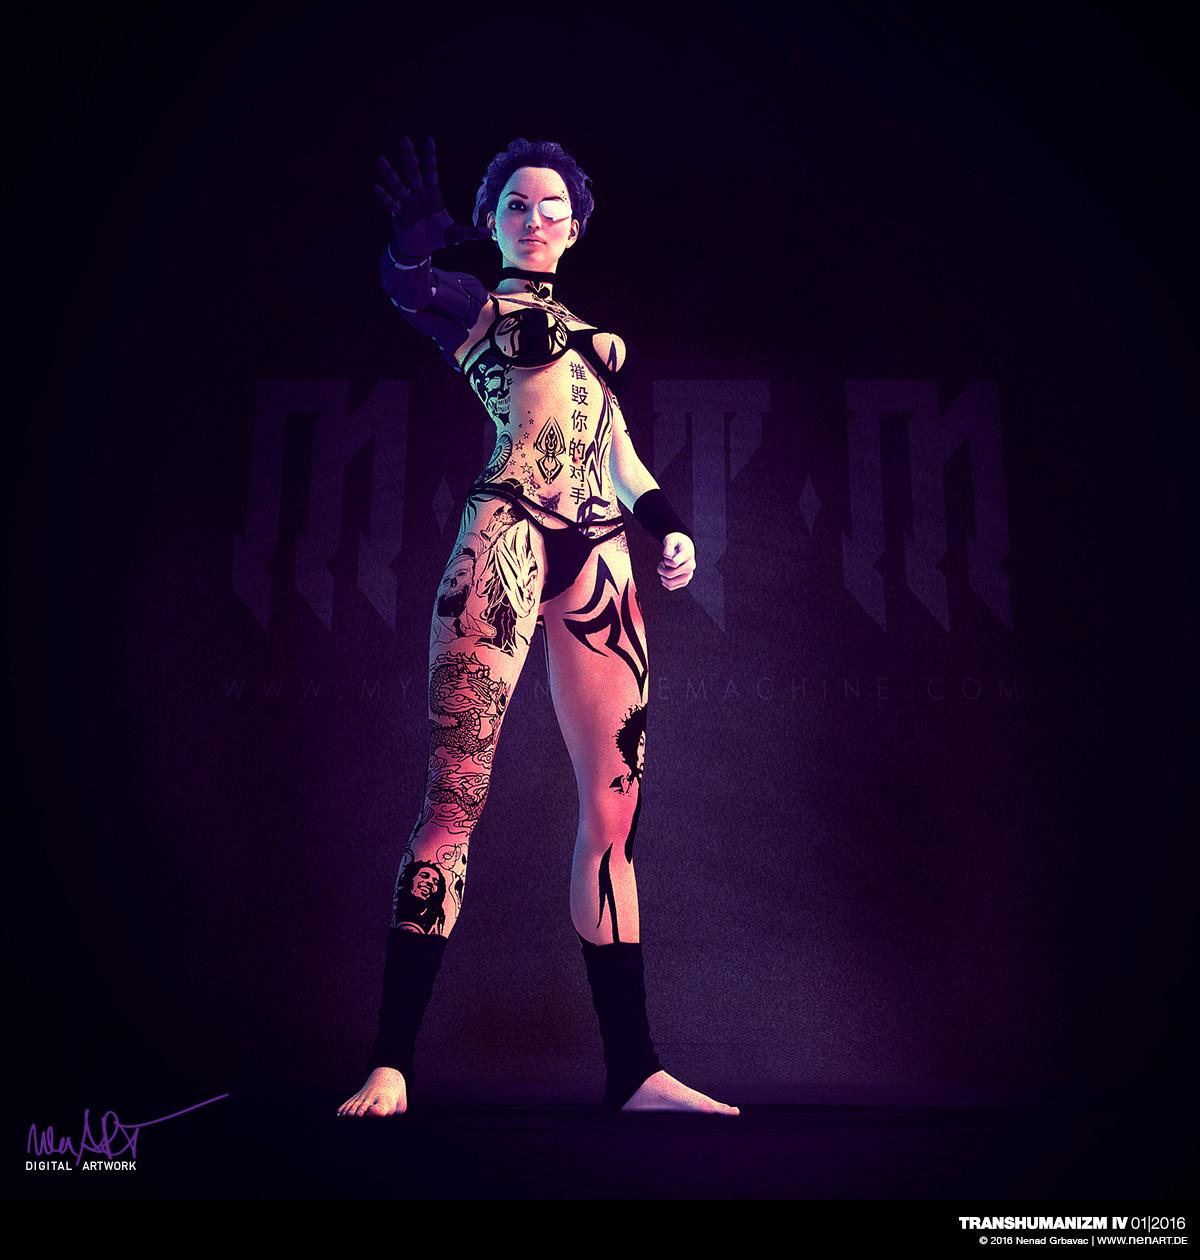 DA_-_Transhumanizm-IV_1200x1200